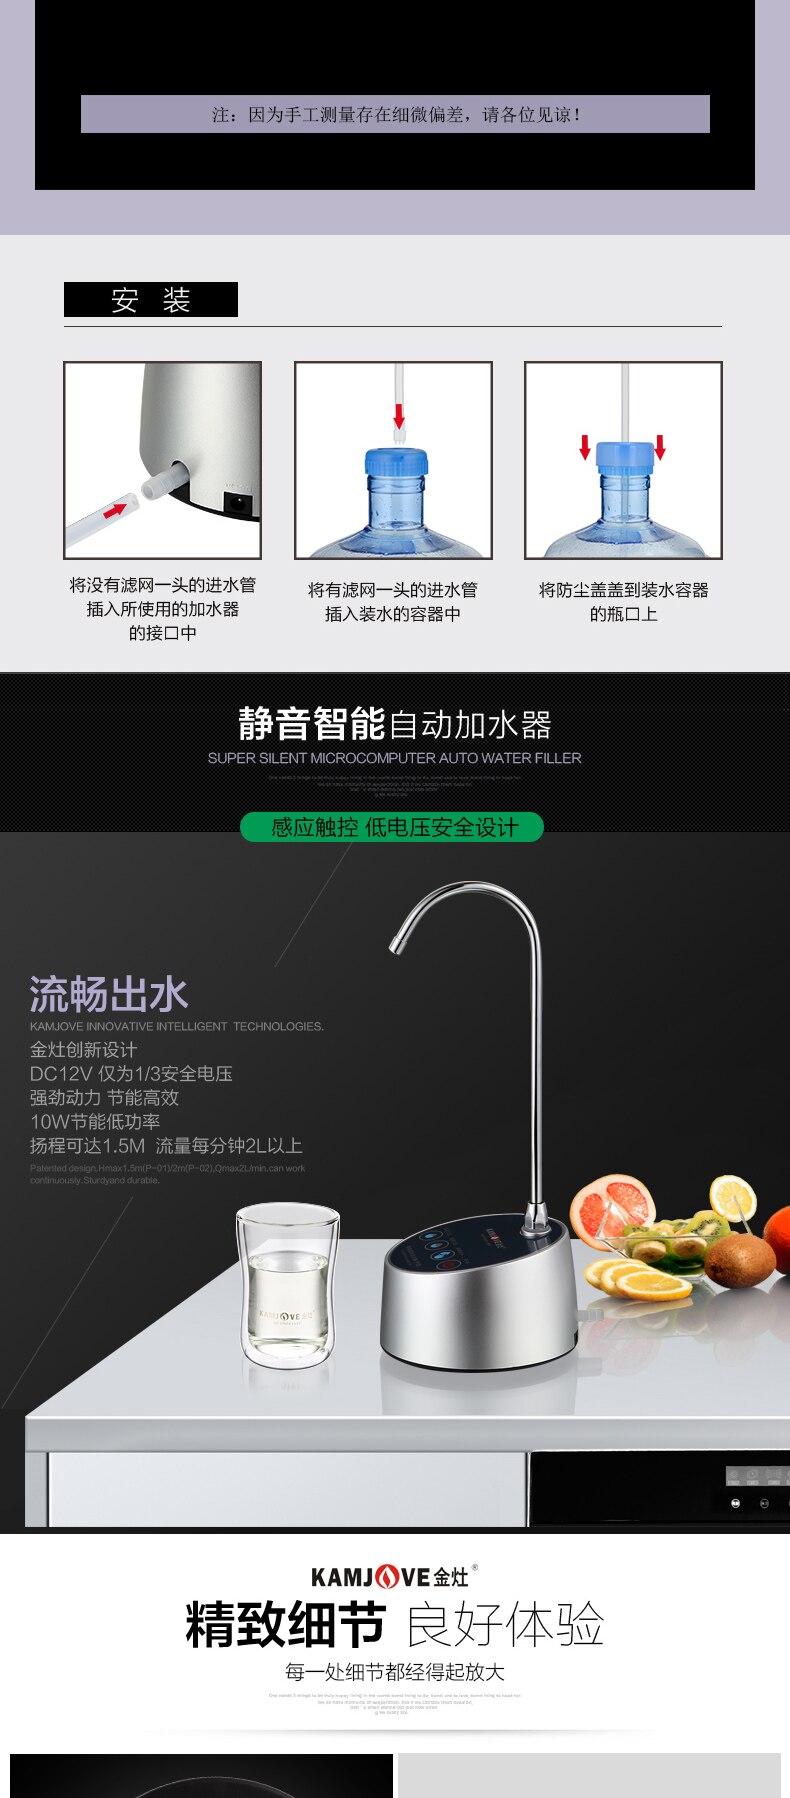 Насос для чистой воды в бутылках вращающийся диспенсер для воды автоматический бесшумный Электрический насосный прибор P-08 наполнителя воды